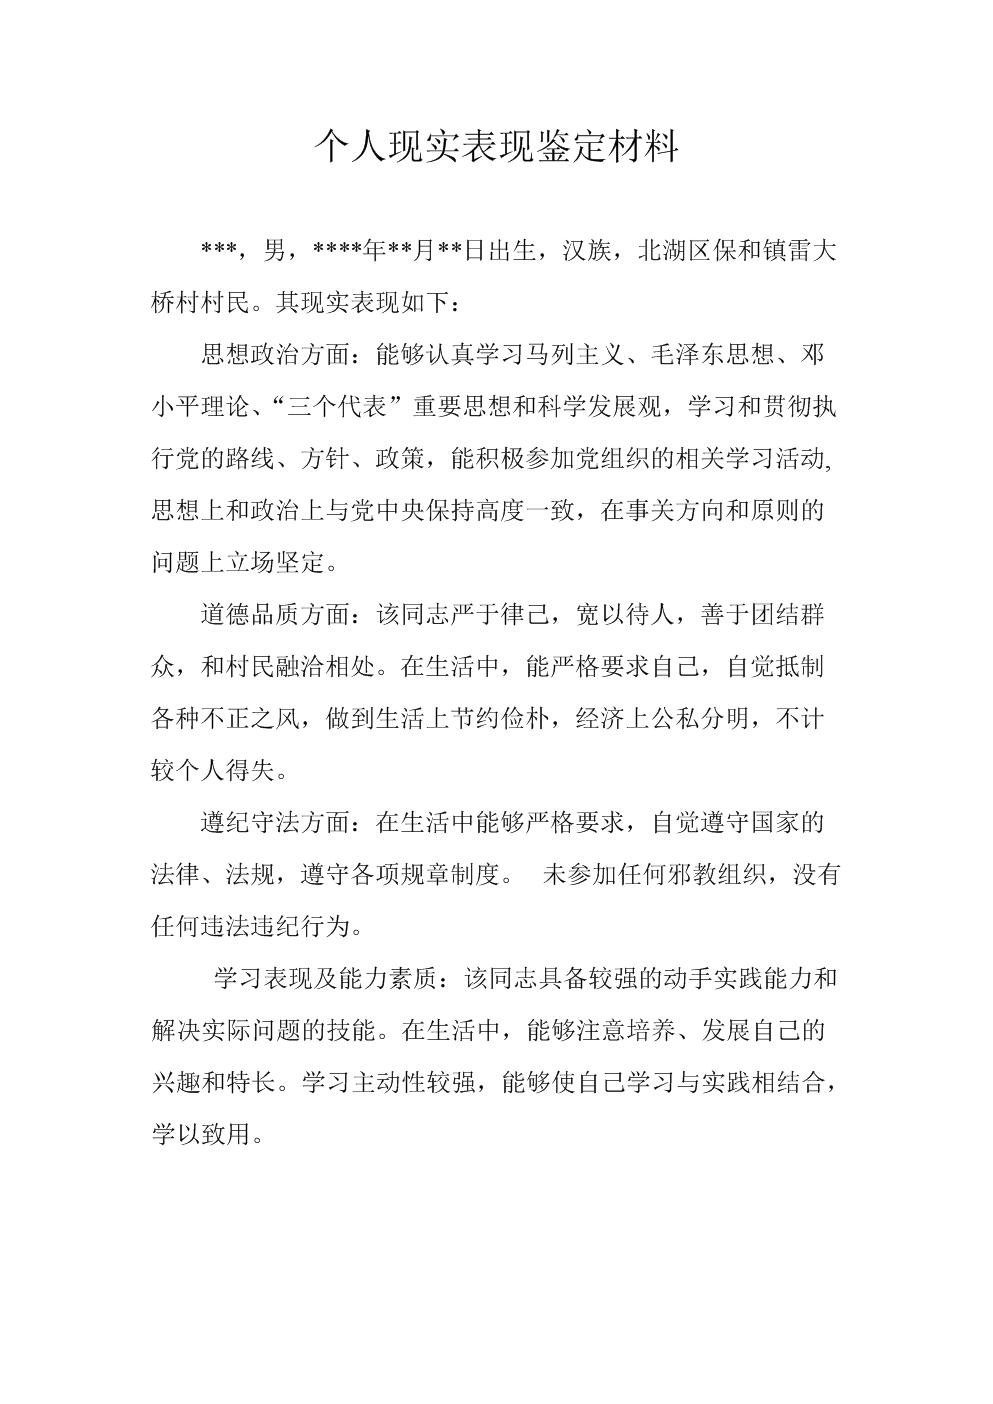 个人现实表现鉴定材料(乡镇)范文.doc